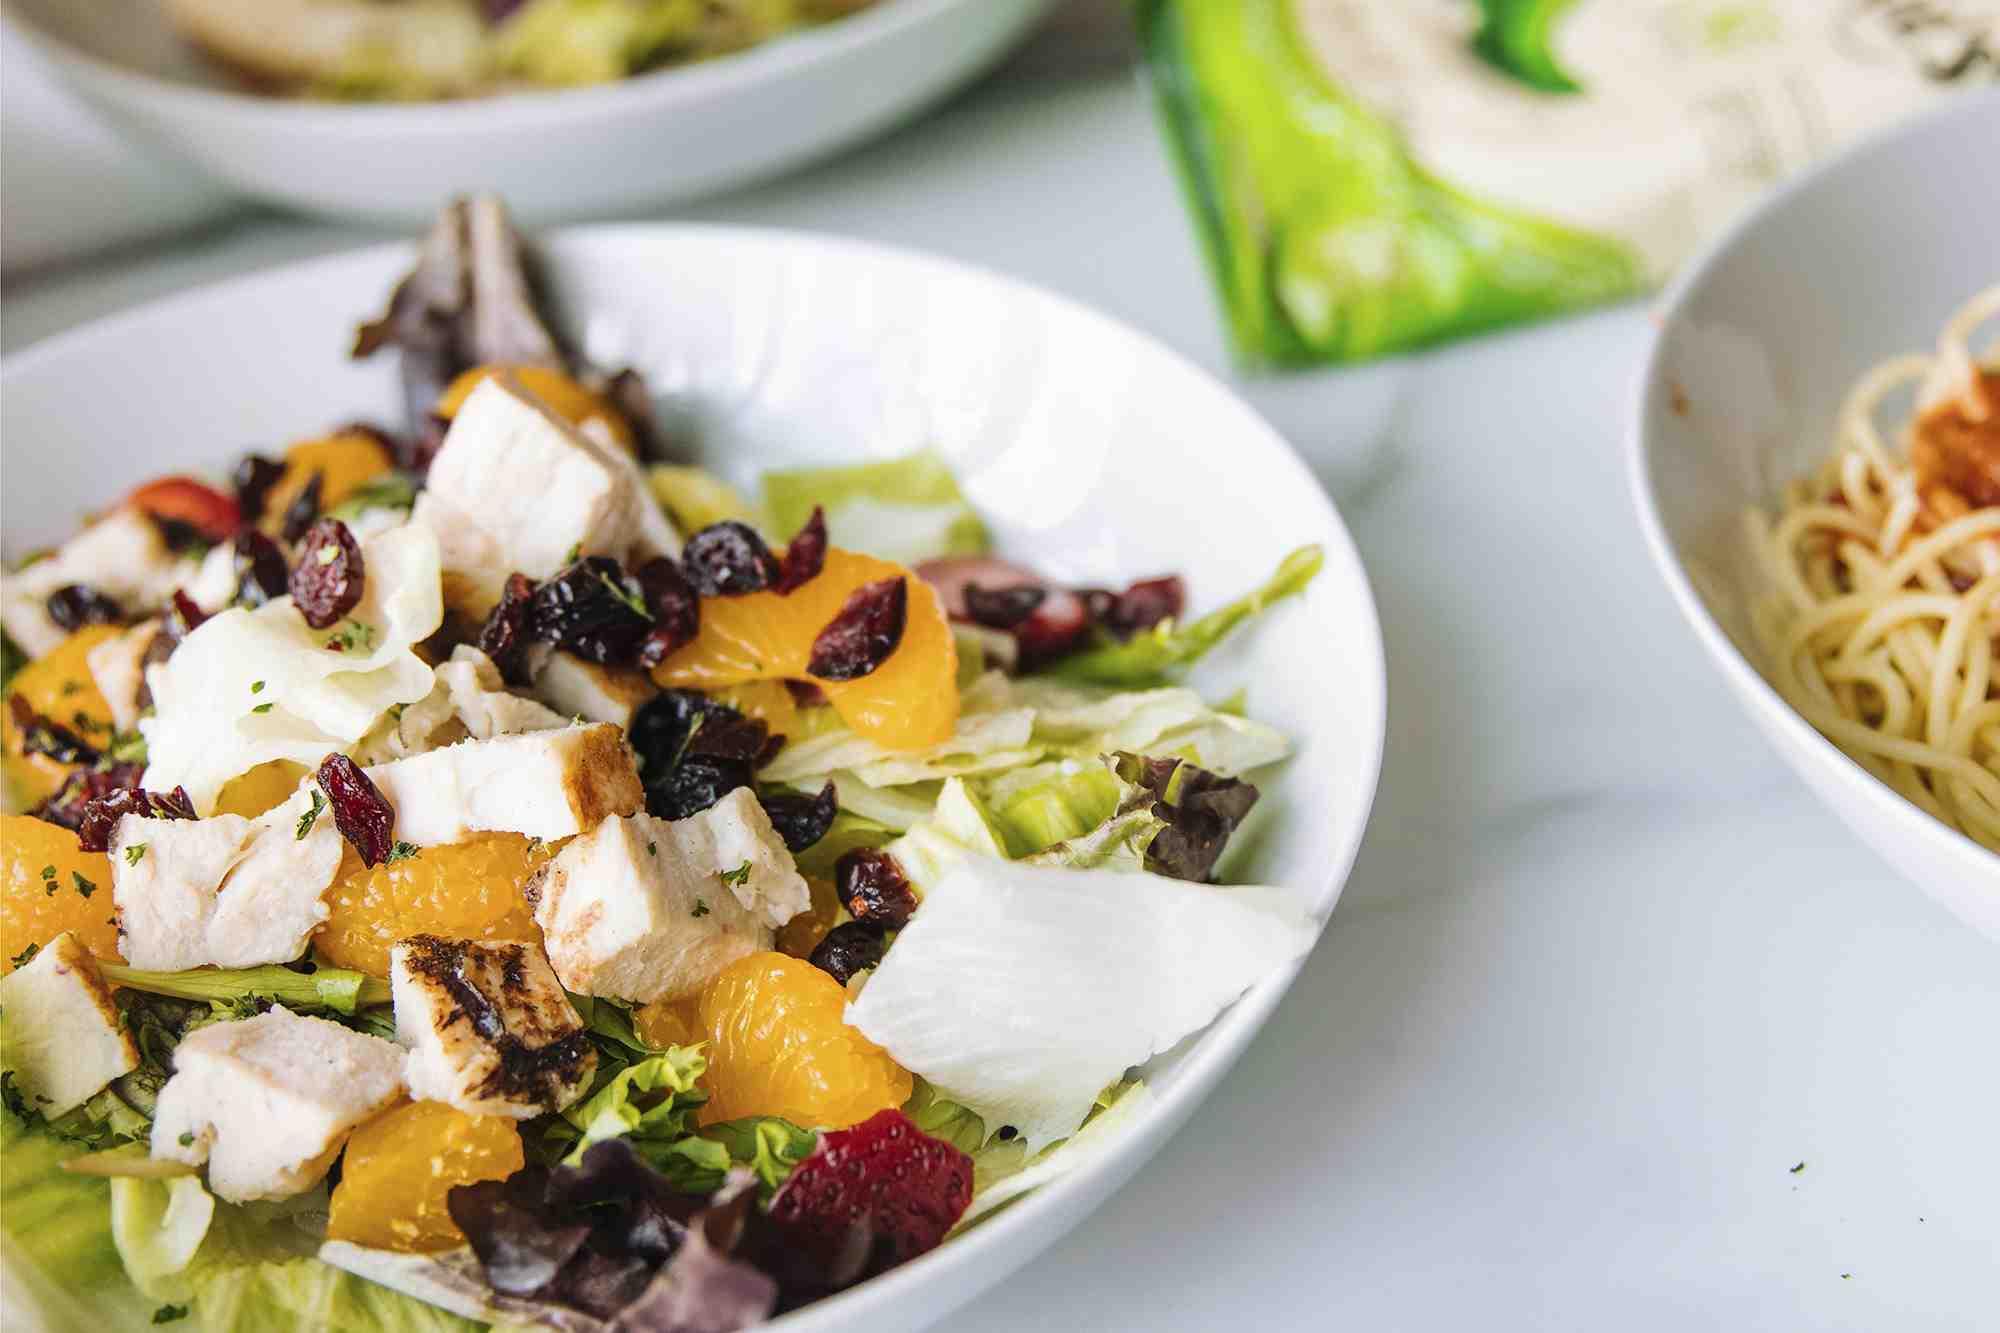 Sağlıklı ve Diyet Yiyecek Hazırlama